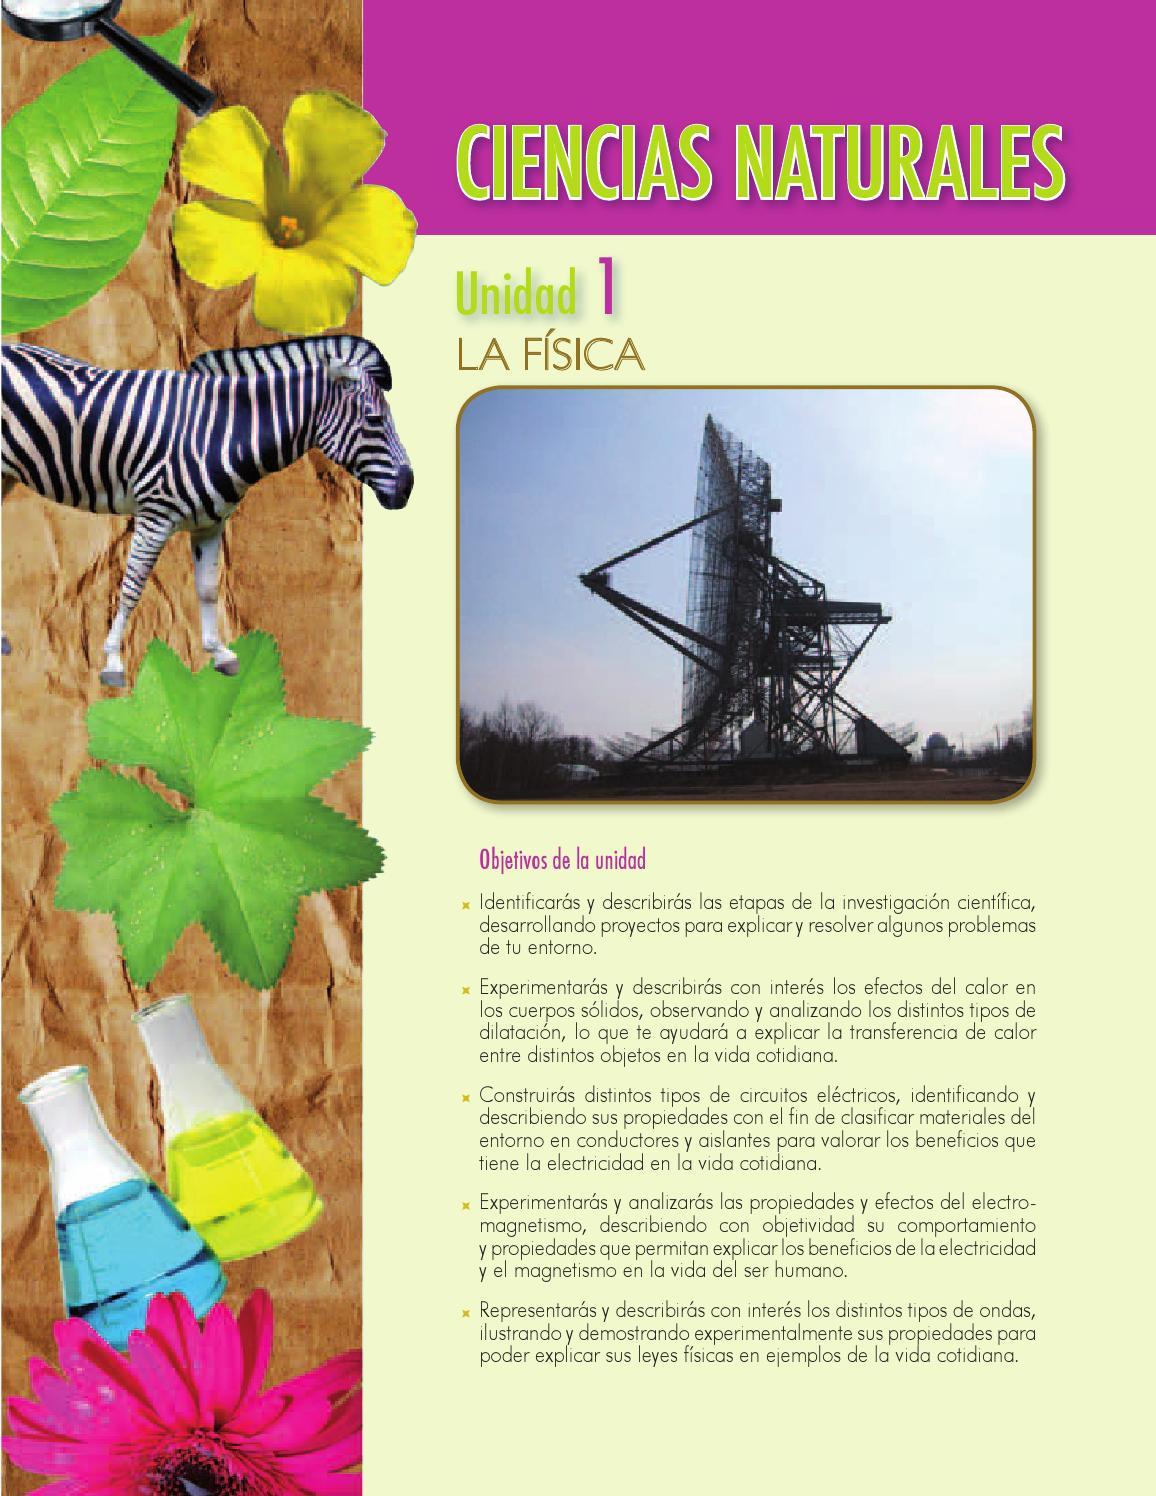 Ciencias naturales 9 by paginas web gratis issuu - Inmobiliaria serie 5 ...